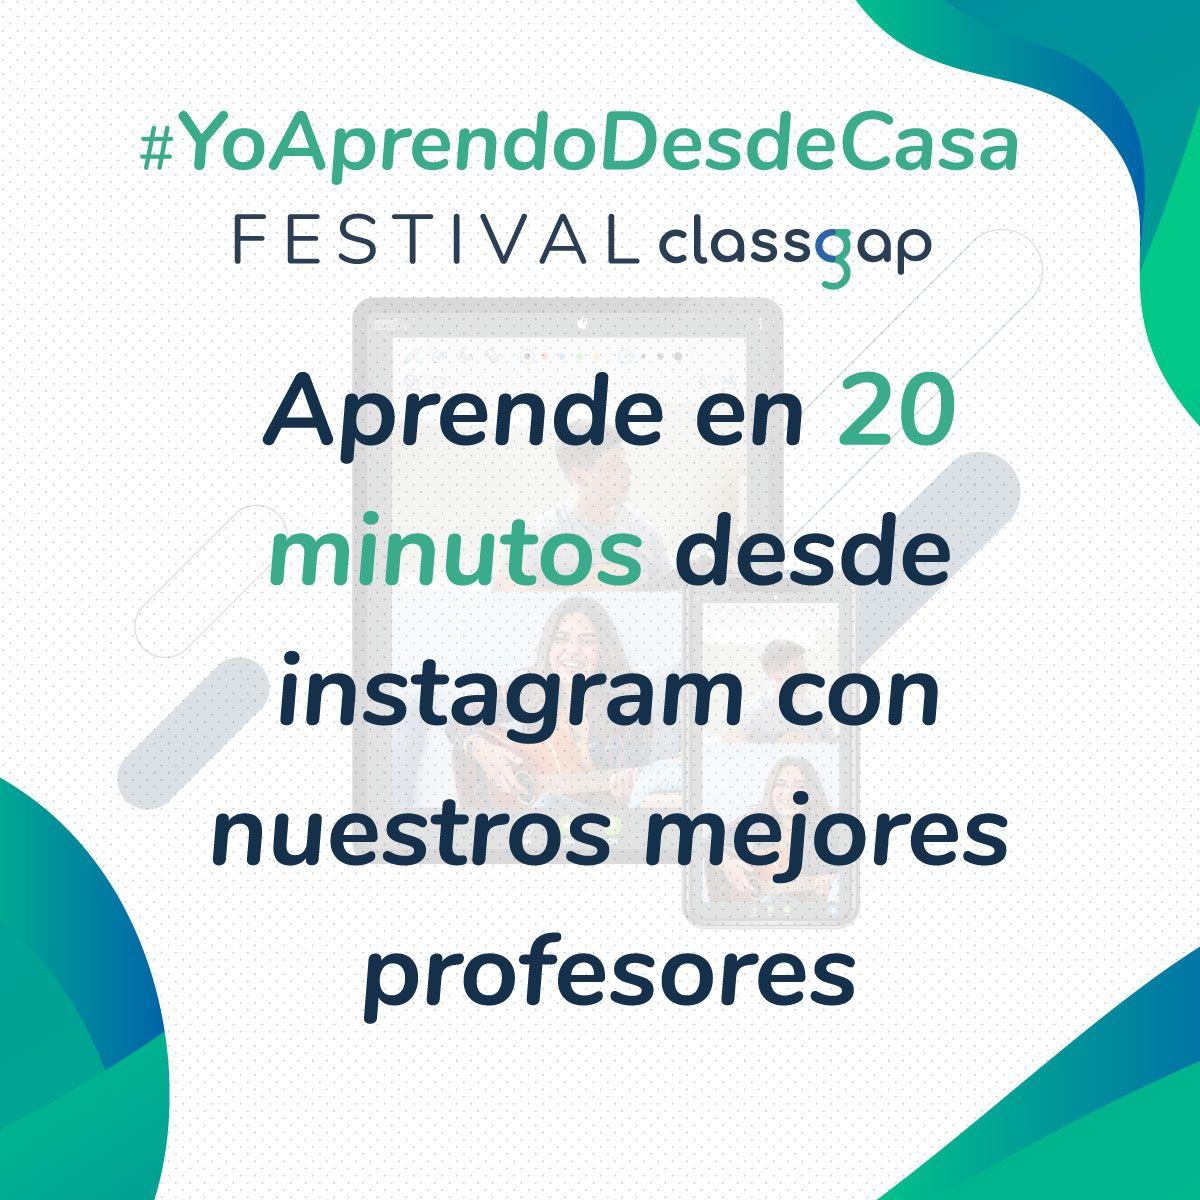 Foto de Cartel del Festival #YoAprendoDesdeCasa